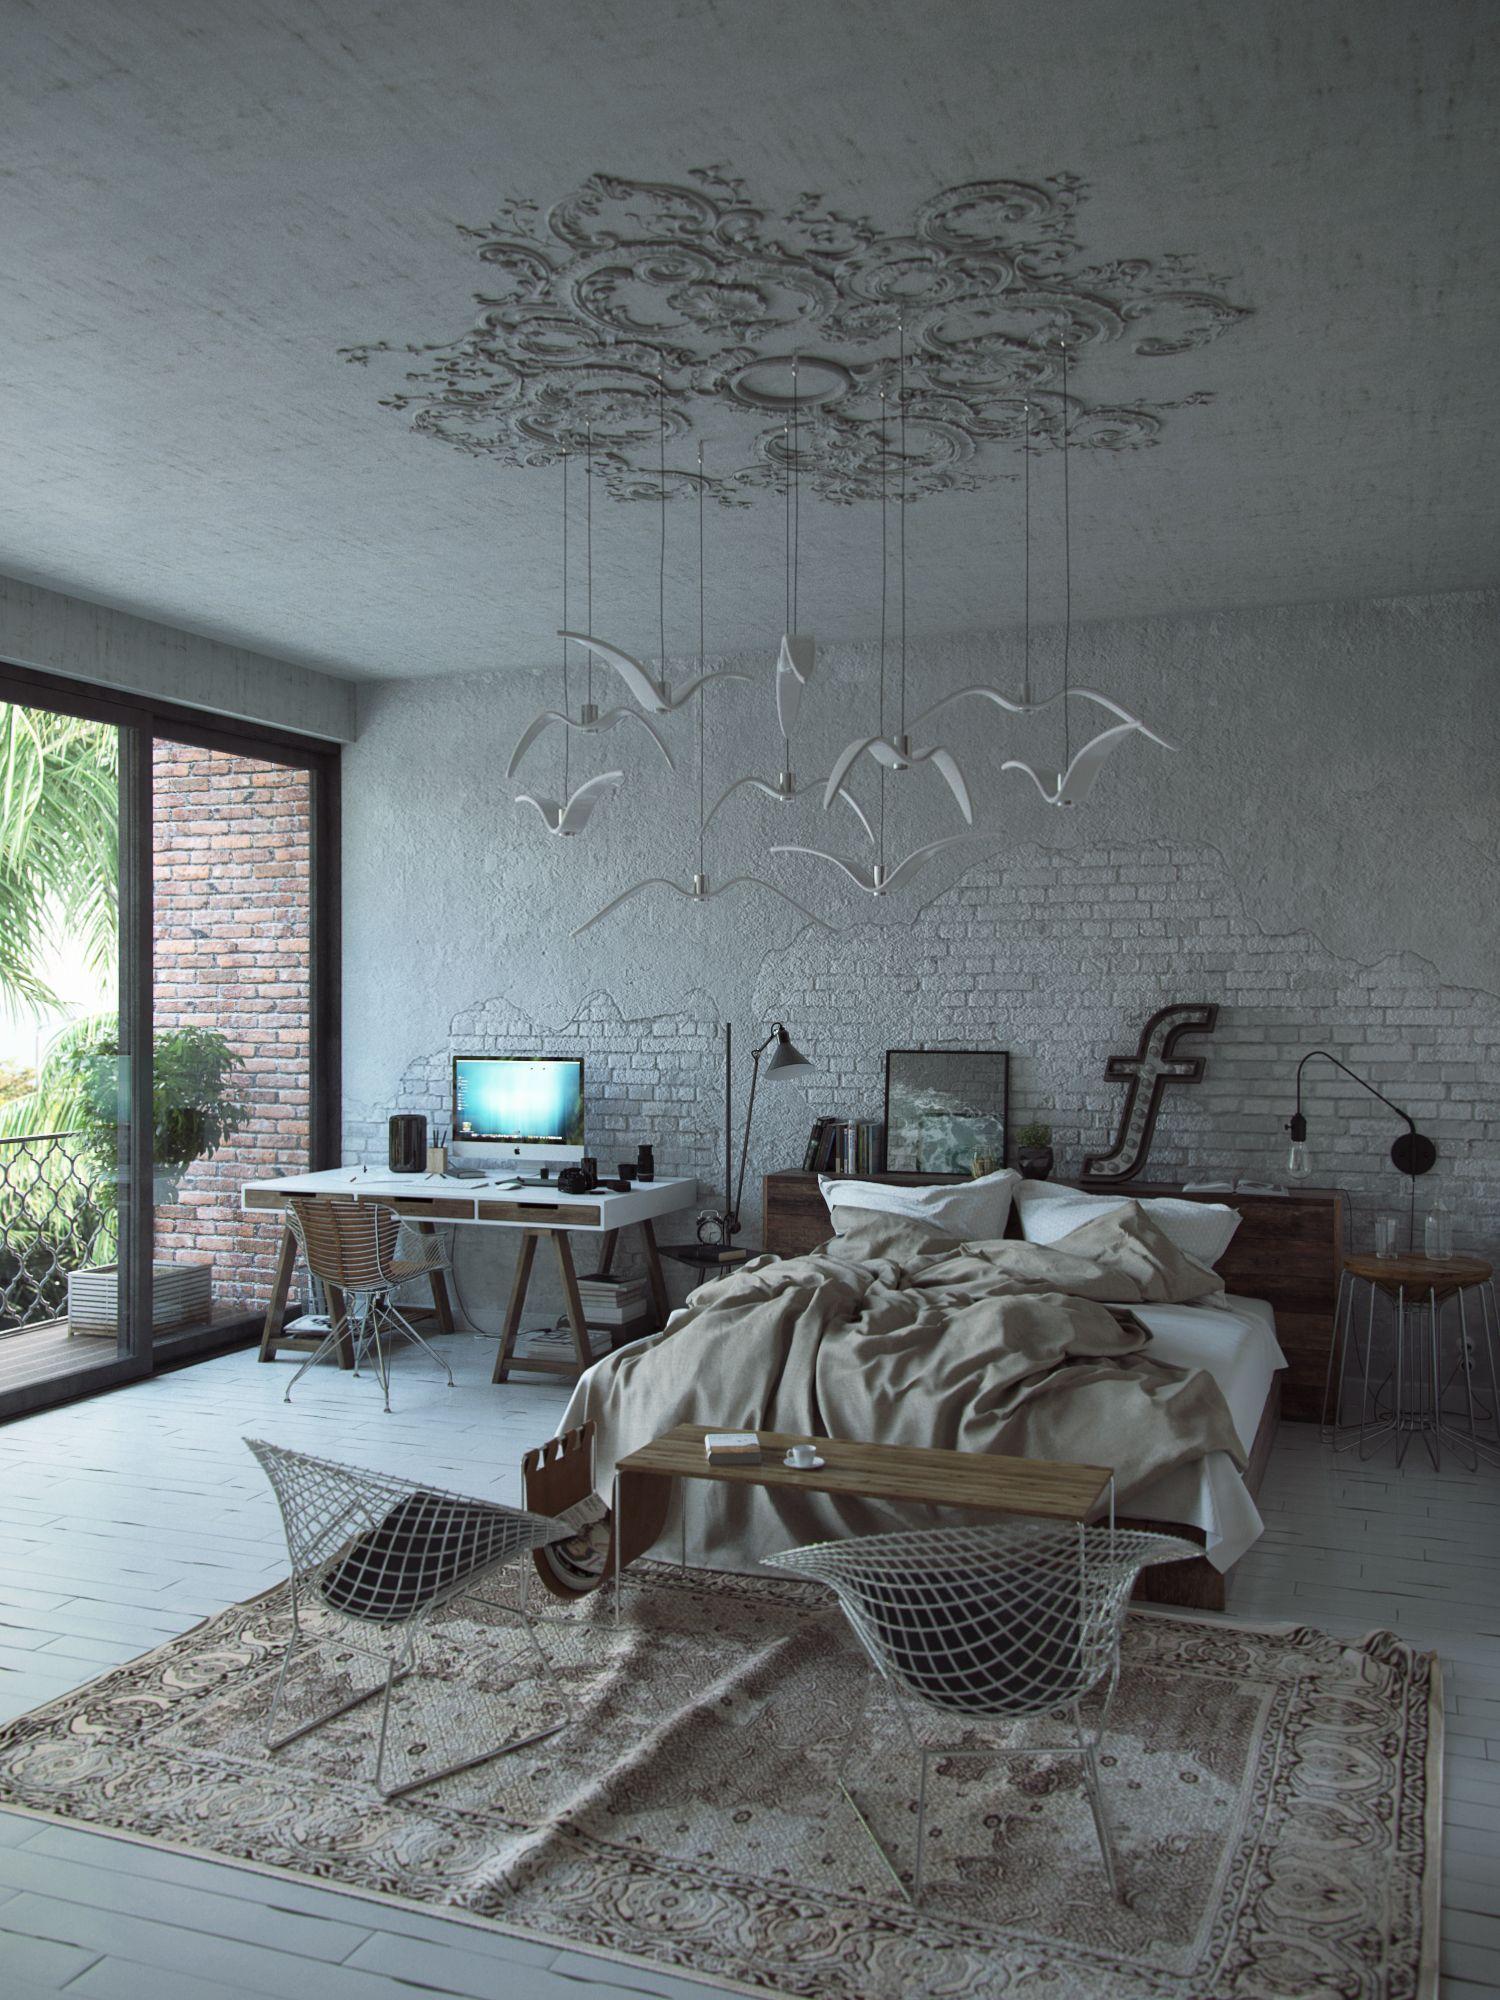 Andrey Vladimirov On Behance Bedroom Officebedroom Ideasterrapublic